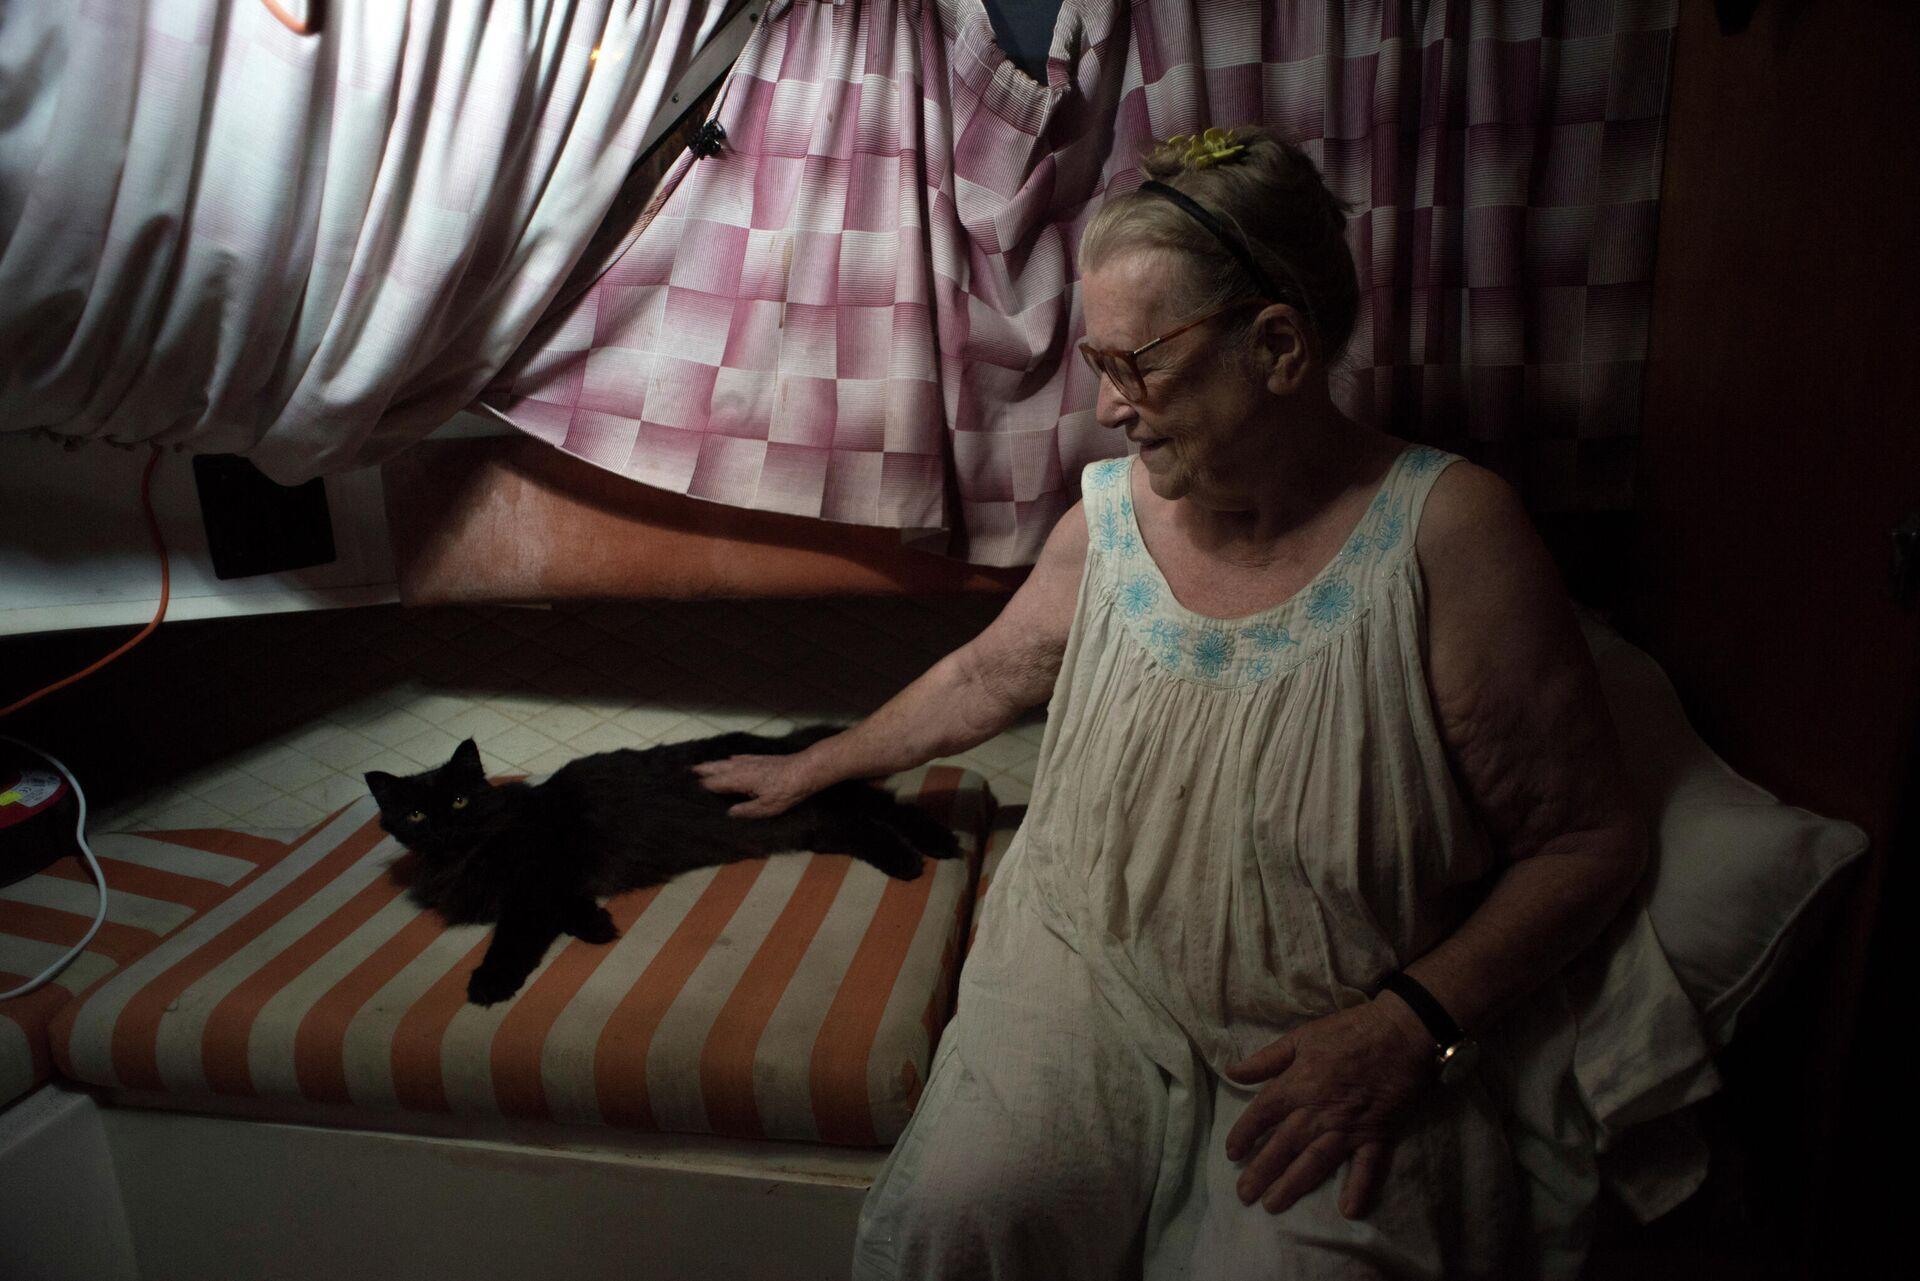 El gato adoptado de Margaretha se esconde cuando ve a los periodistas - Sputnik Mundo, 1920, 07.10.2021